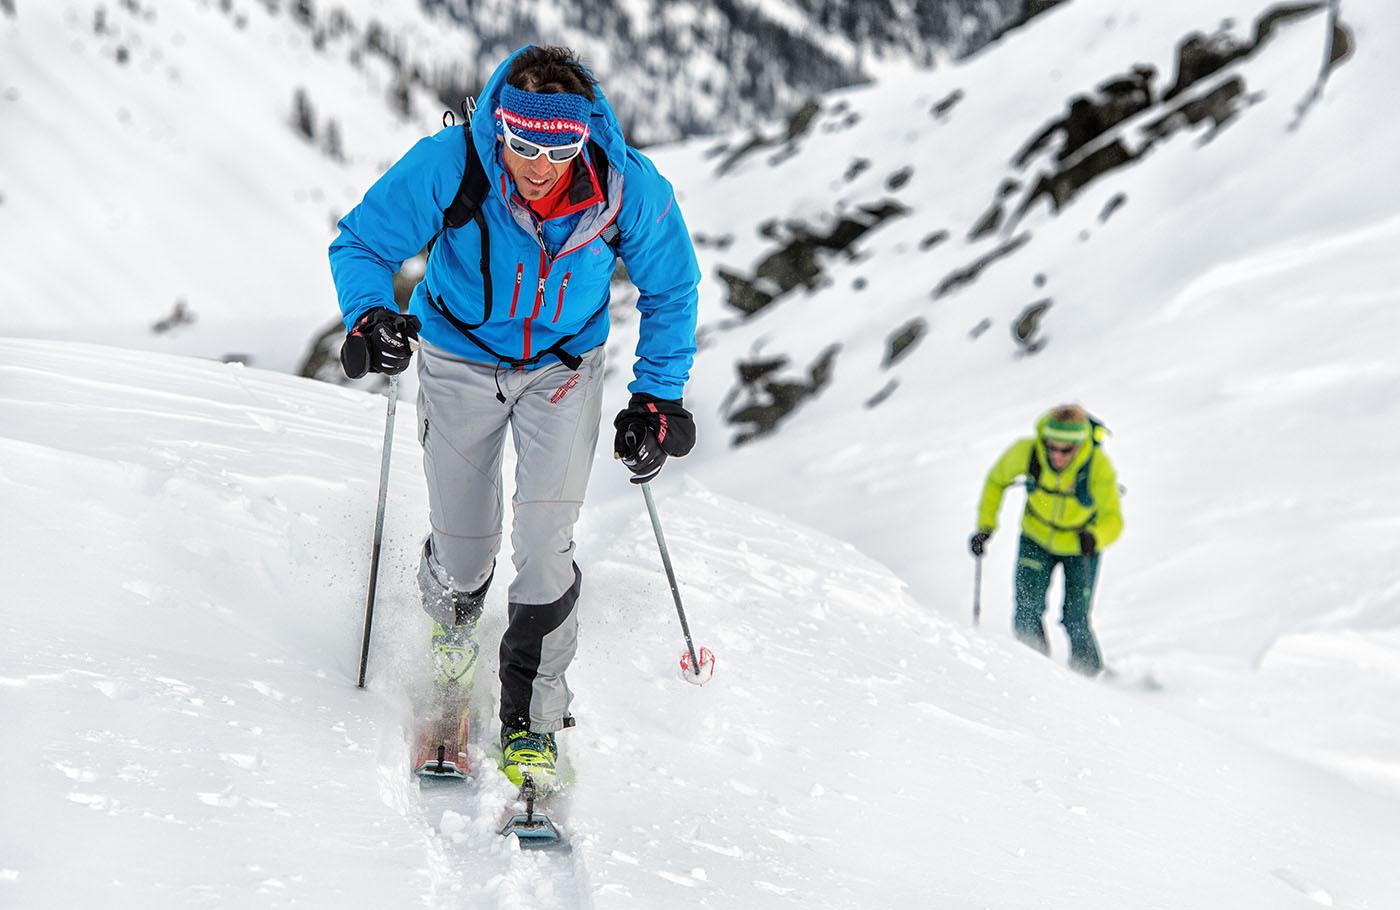 Skiturowiec w odzieży Dynafit podczas intensywnego podejścia (fot. Dynafit)